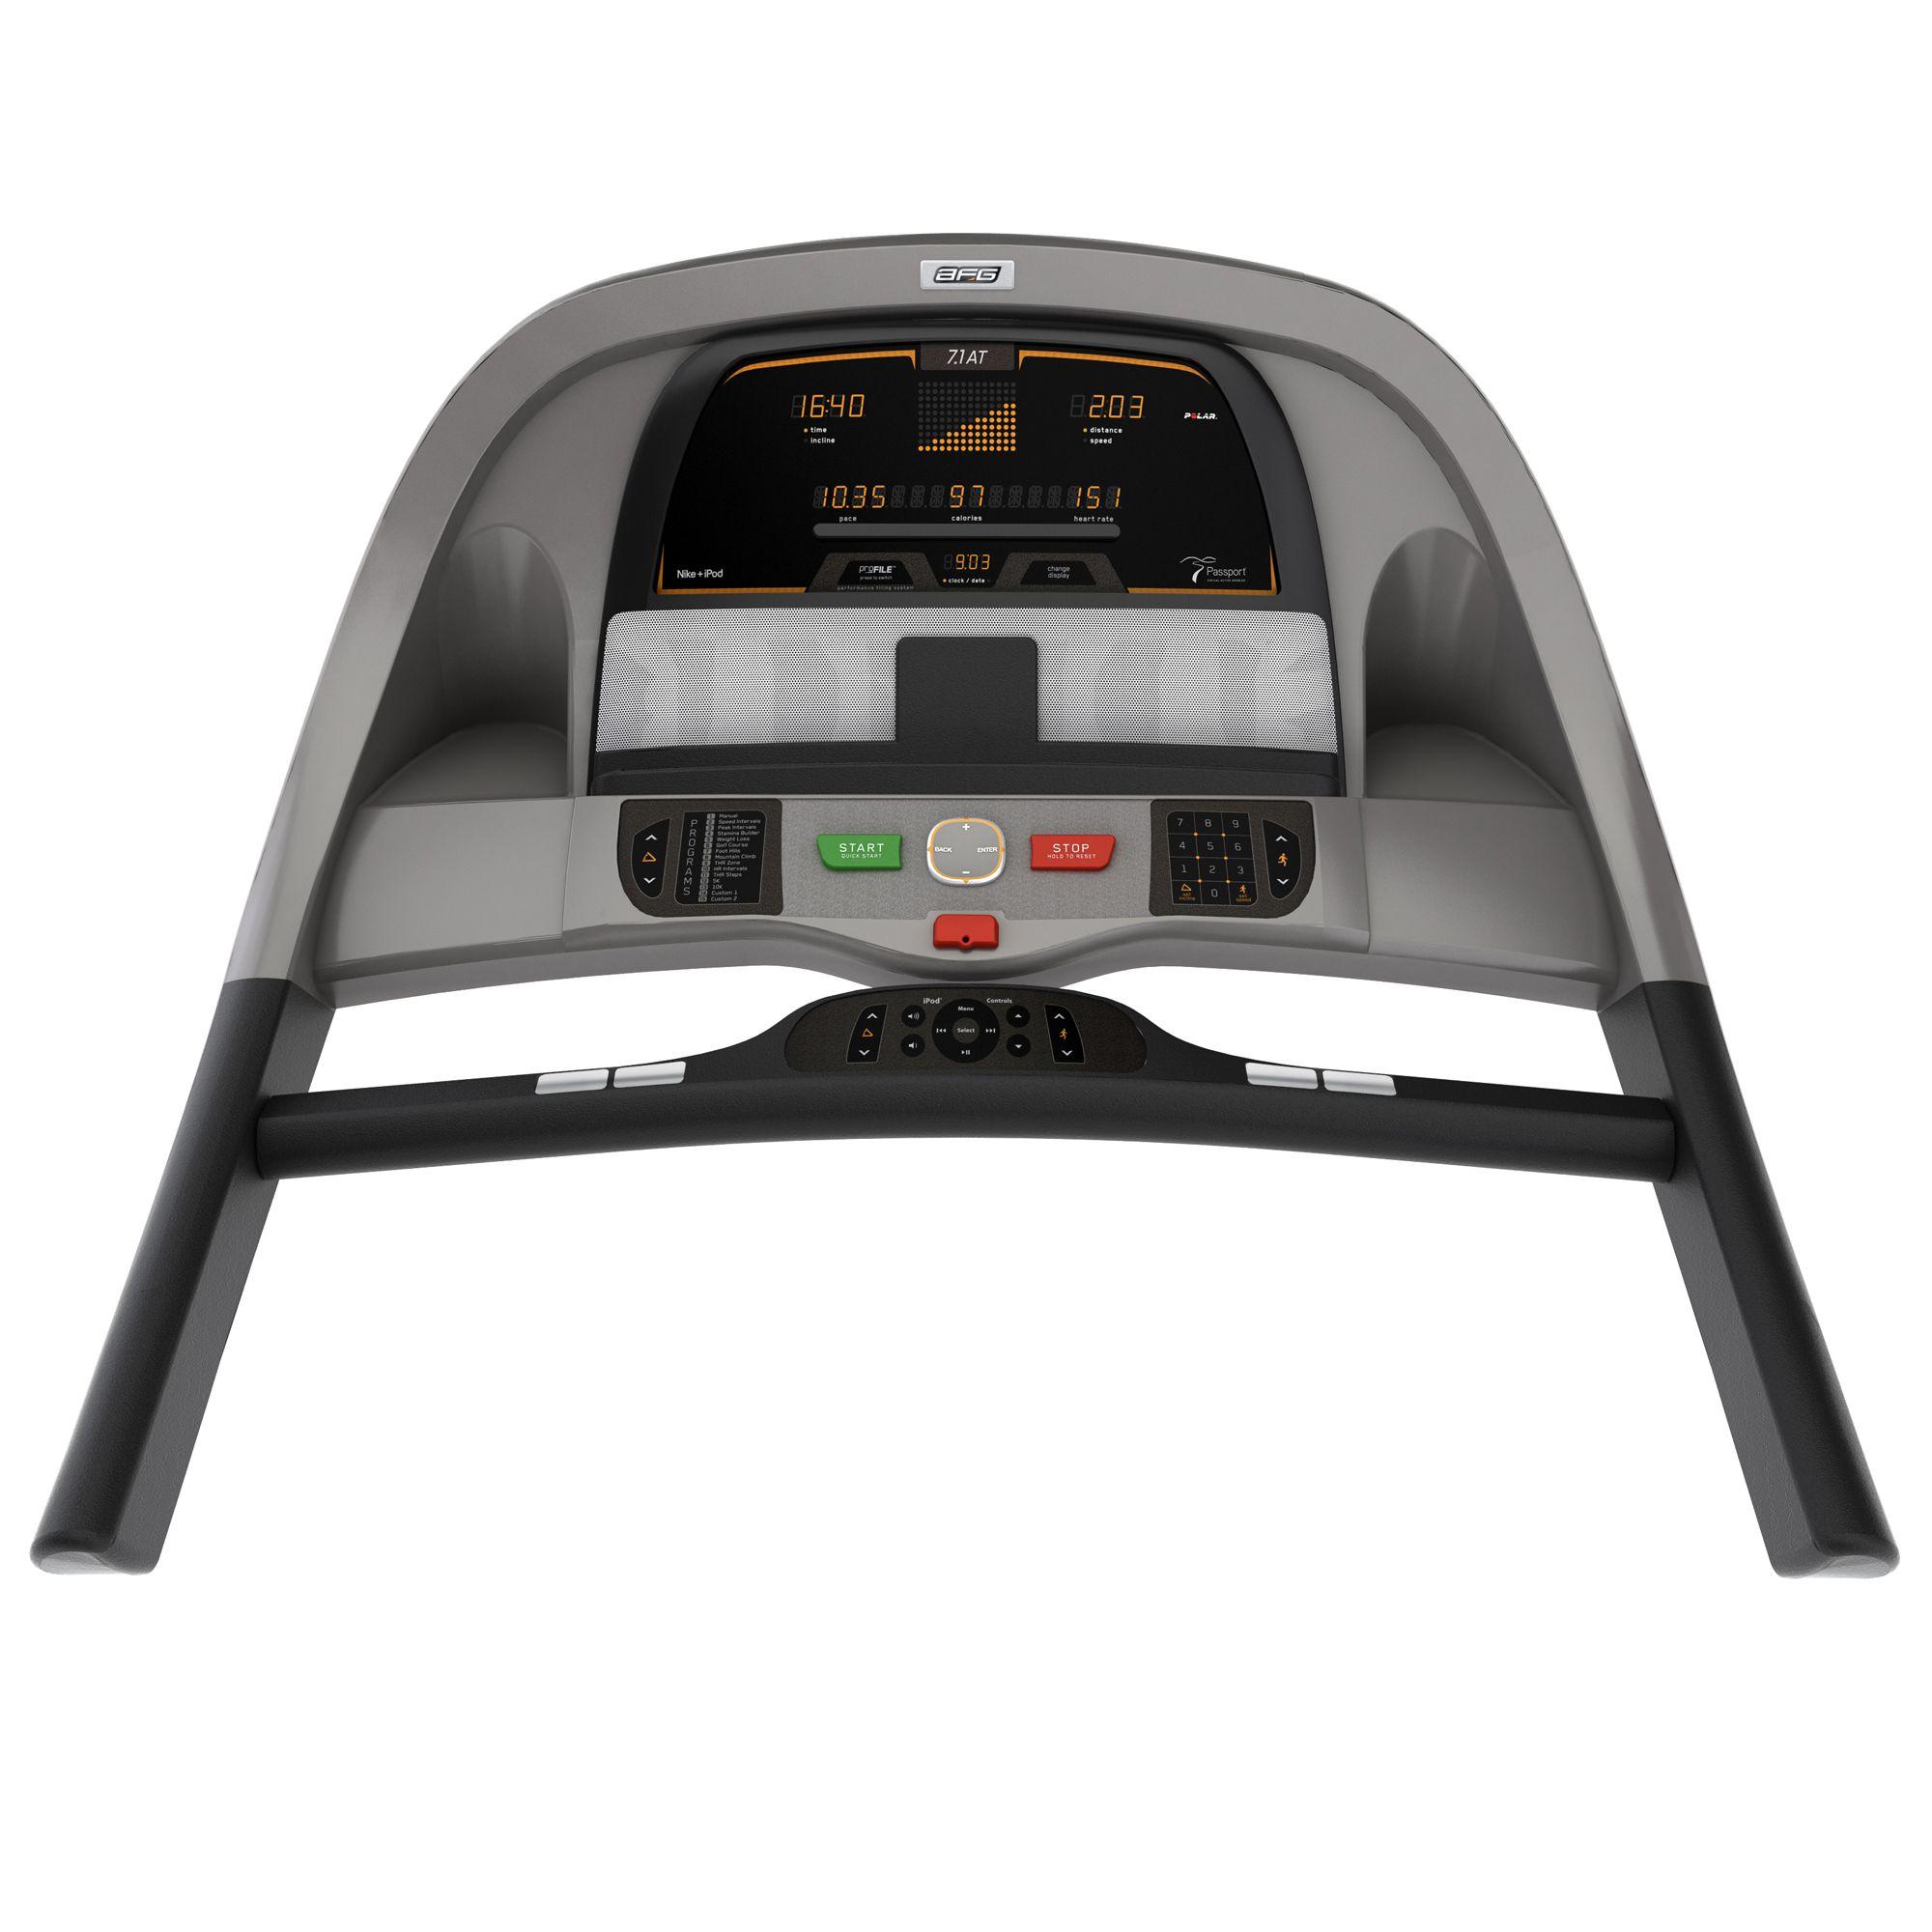 AFG 7.1AT Treadmill